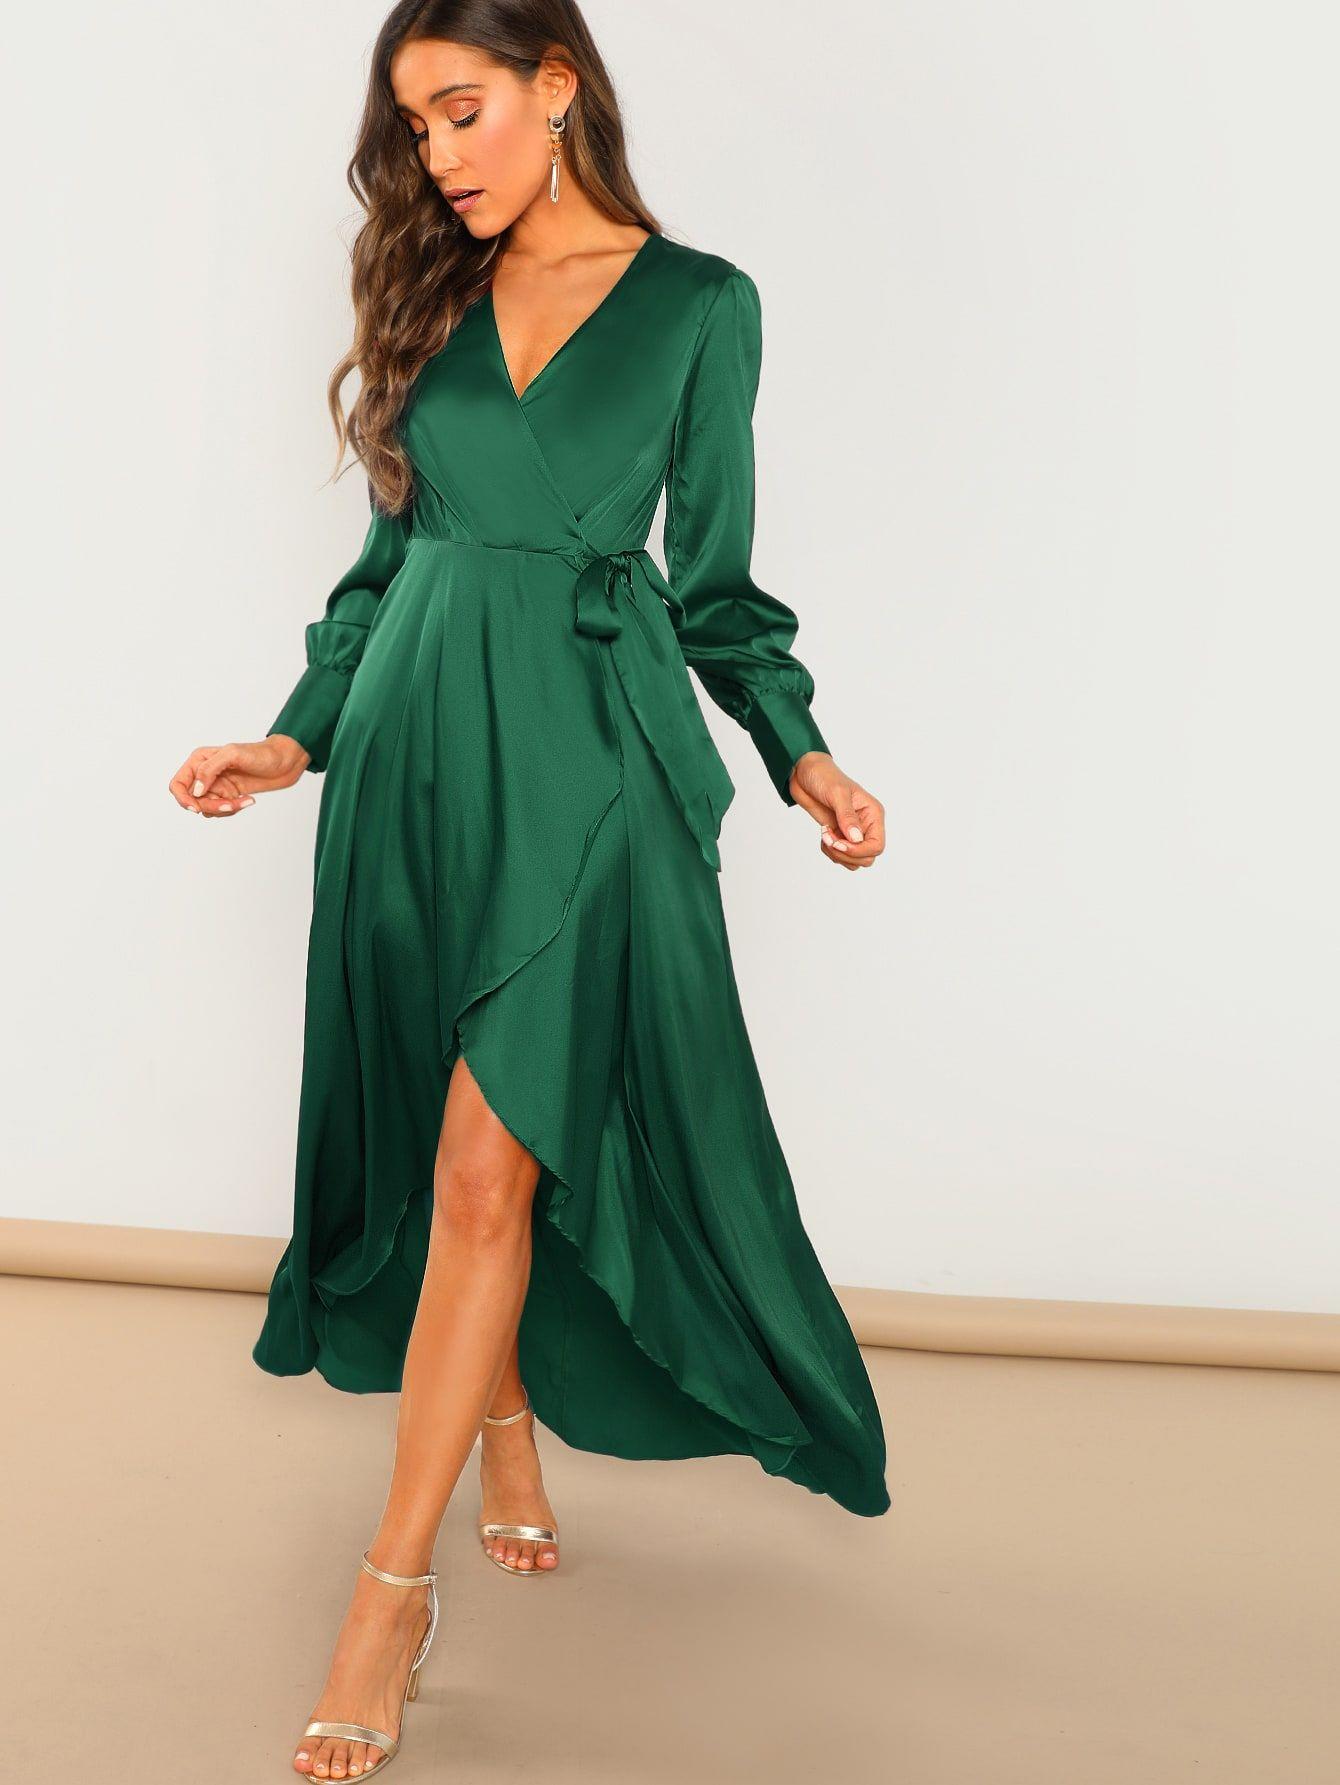 Surplice Wrap Self Tie Maxi Dress In 2021 Tie Maxi Dress Maxi Dress Party Maxi Dress [ 1785 x 1340 Pixel ]